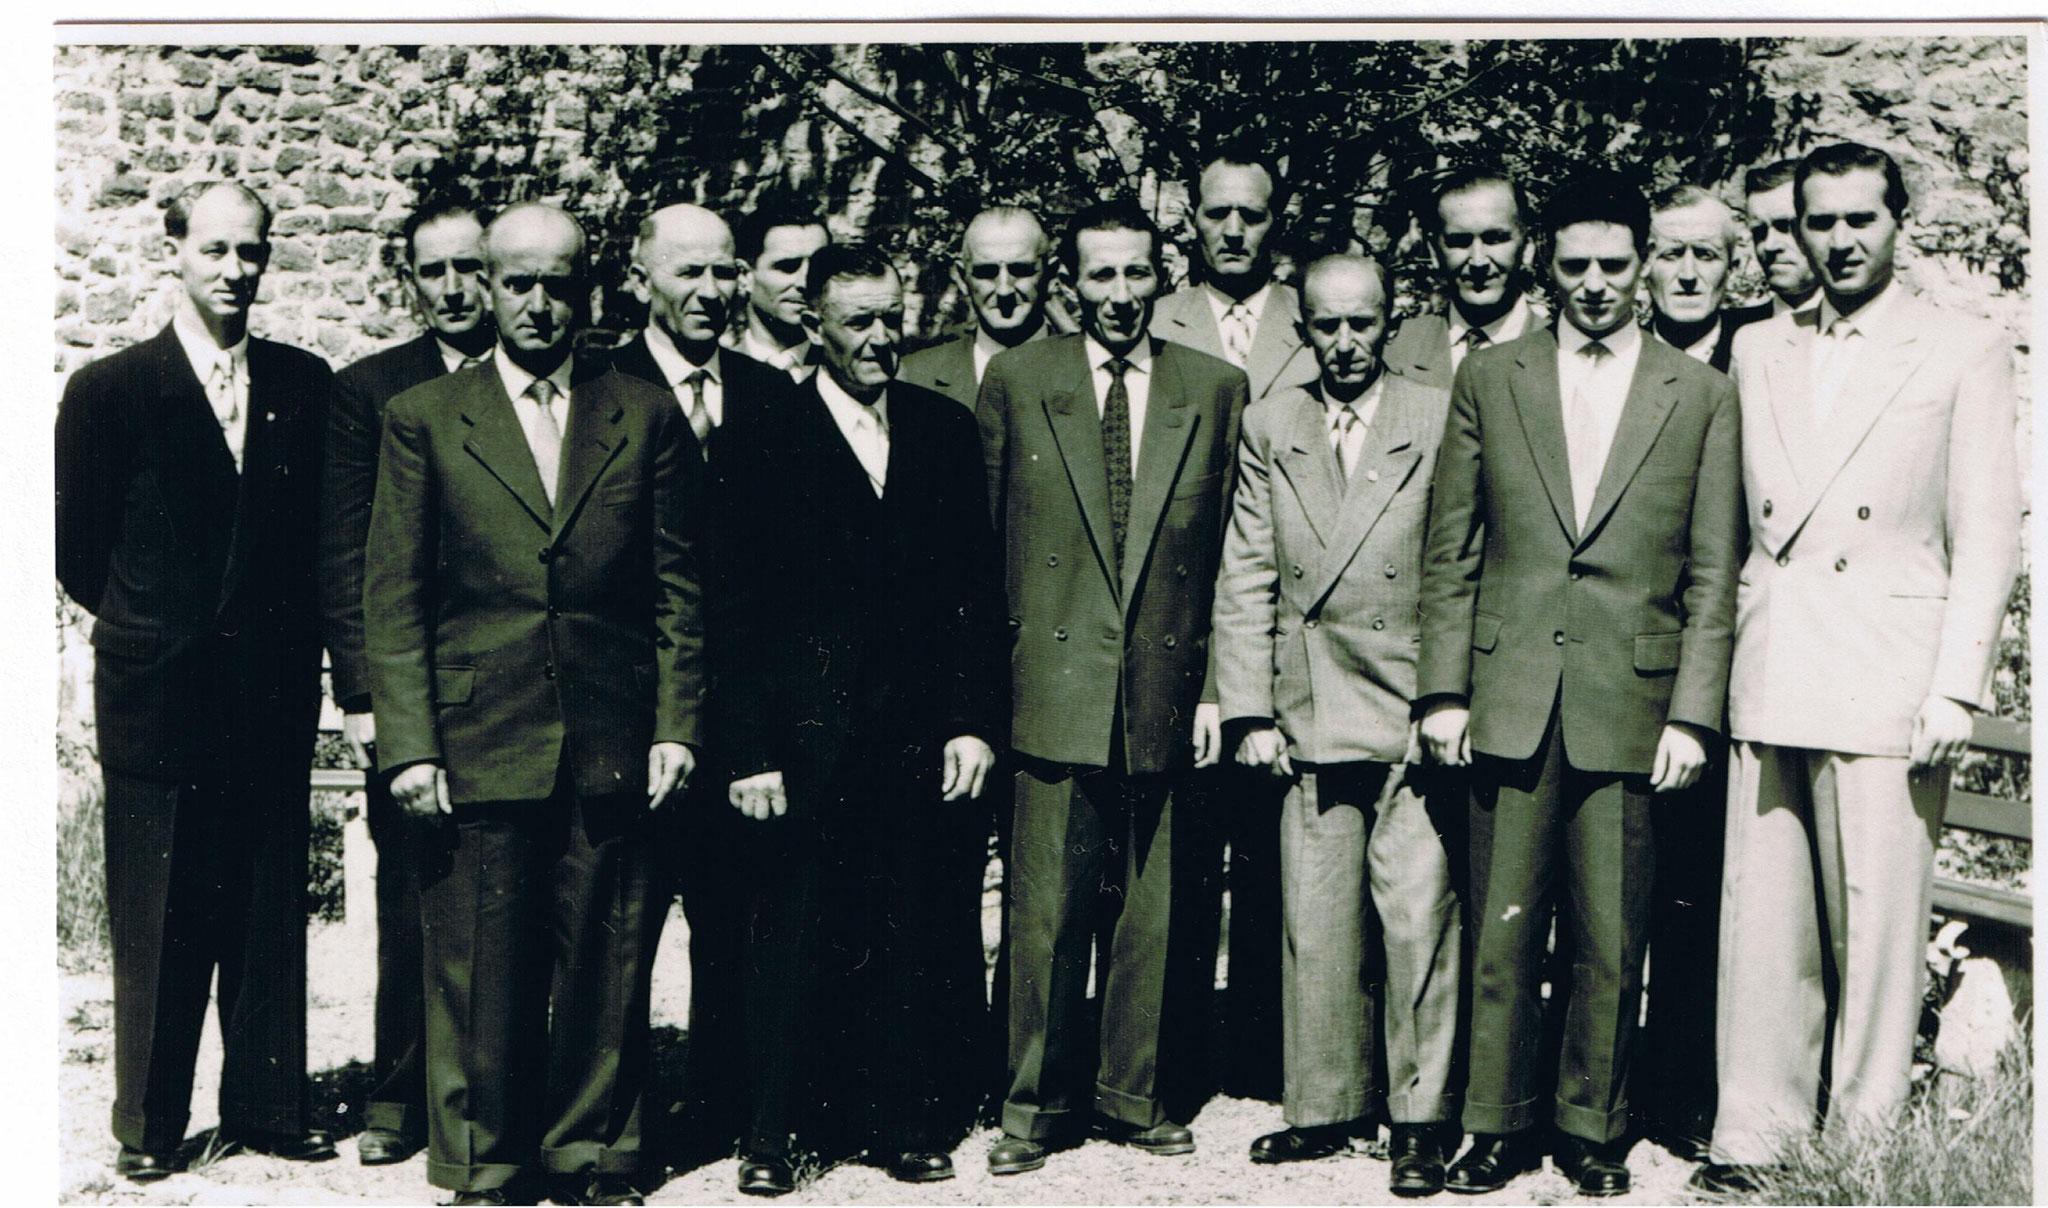 Gemeinderat mit Bürgermeister Theodor Bachmann (Bildmitte hinten), 1958